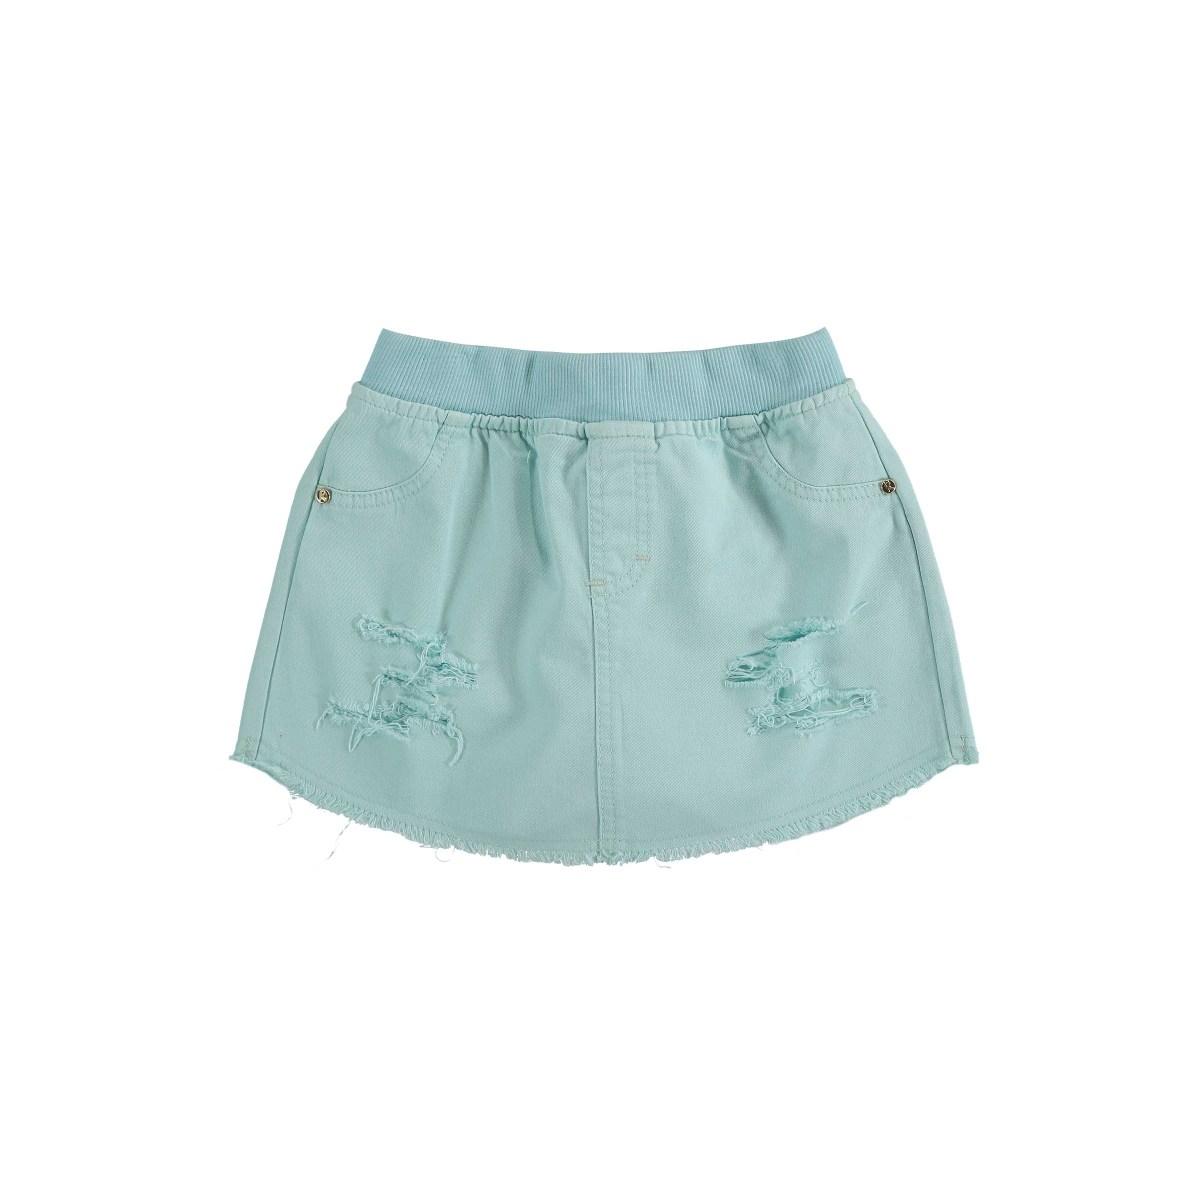 Shorts-Saia Kukiê em Sarja - Azul